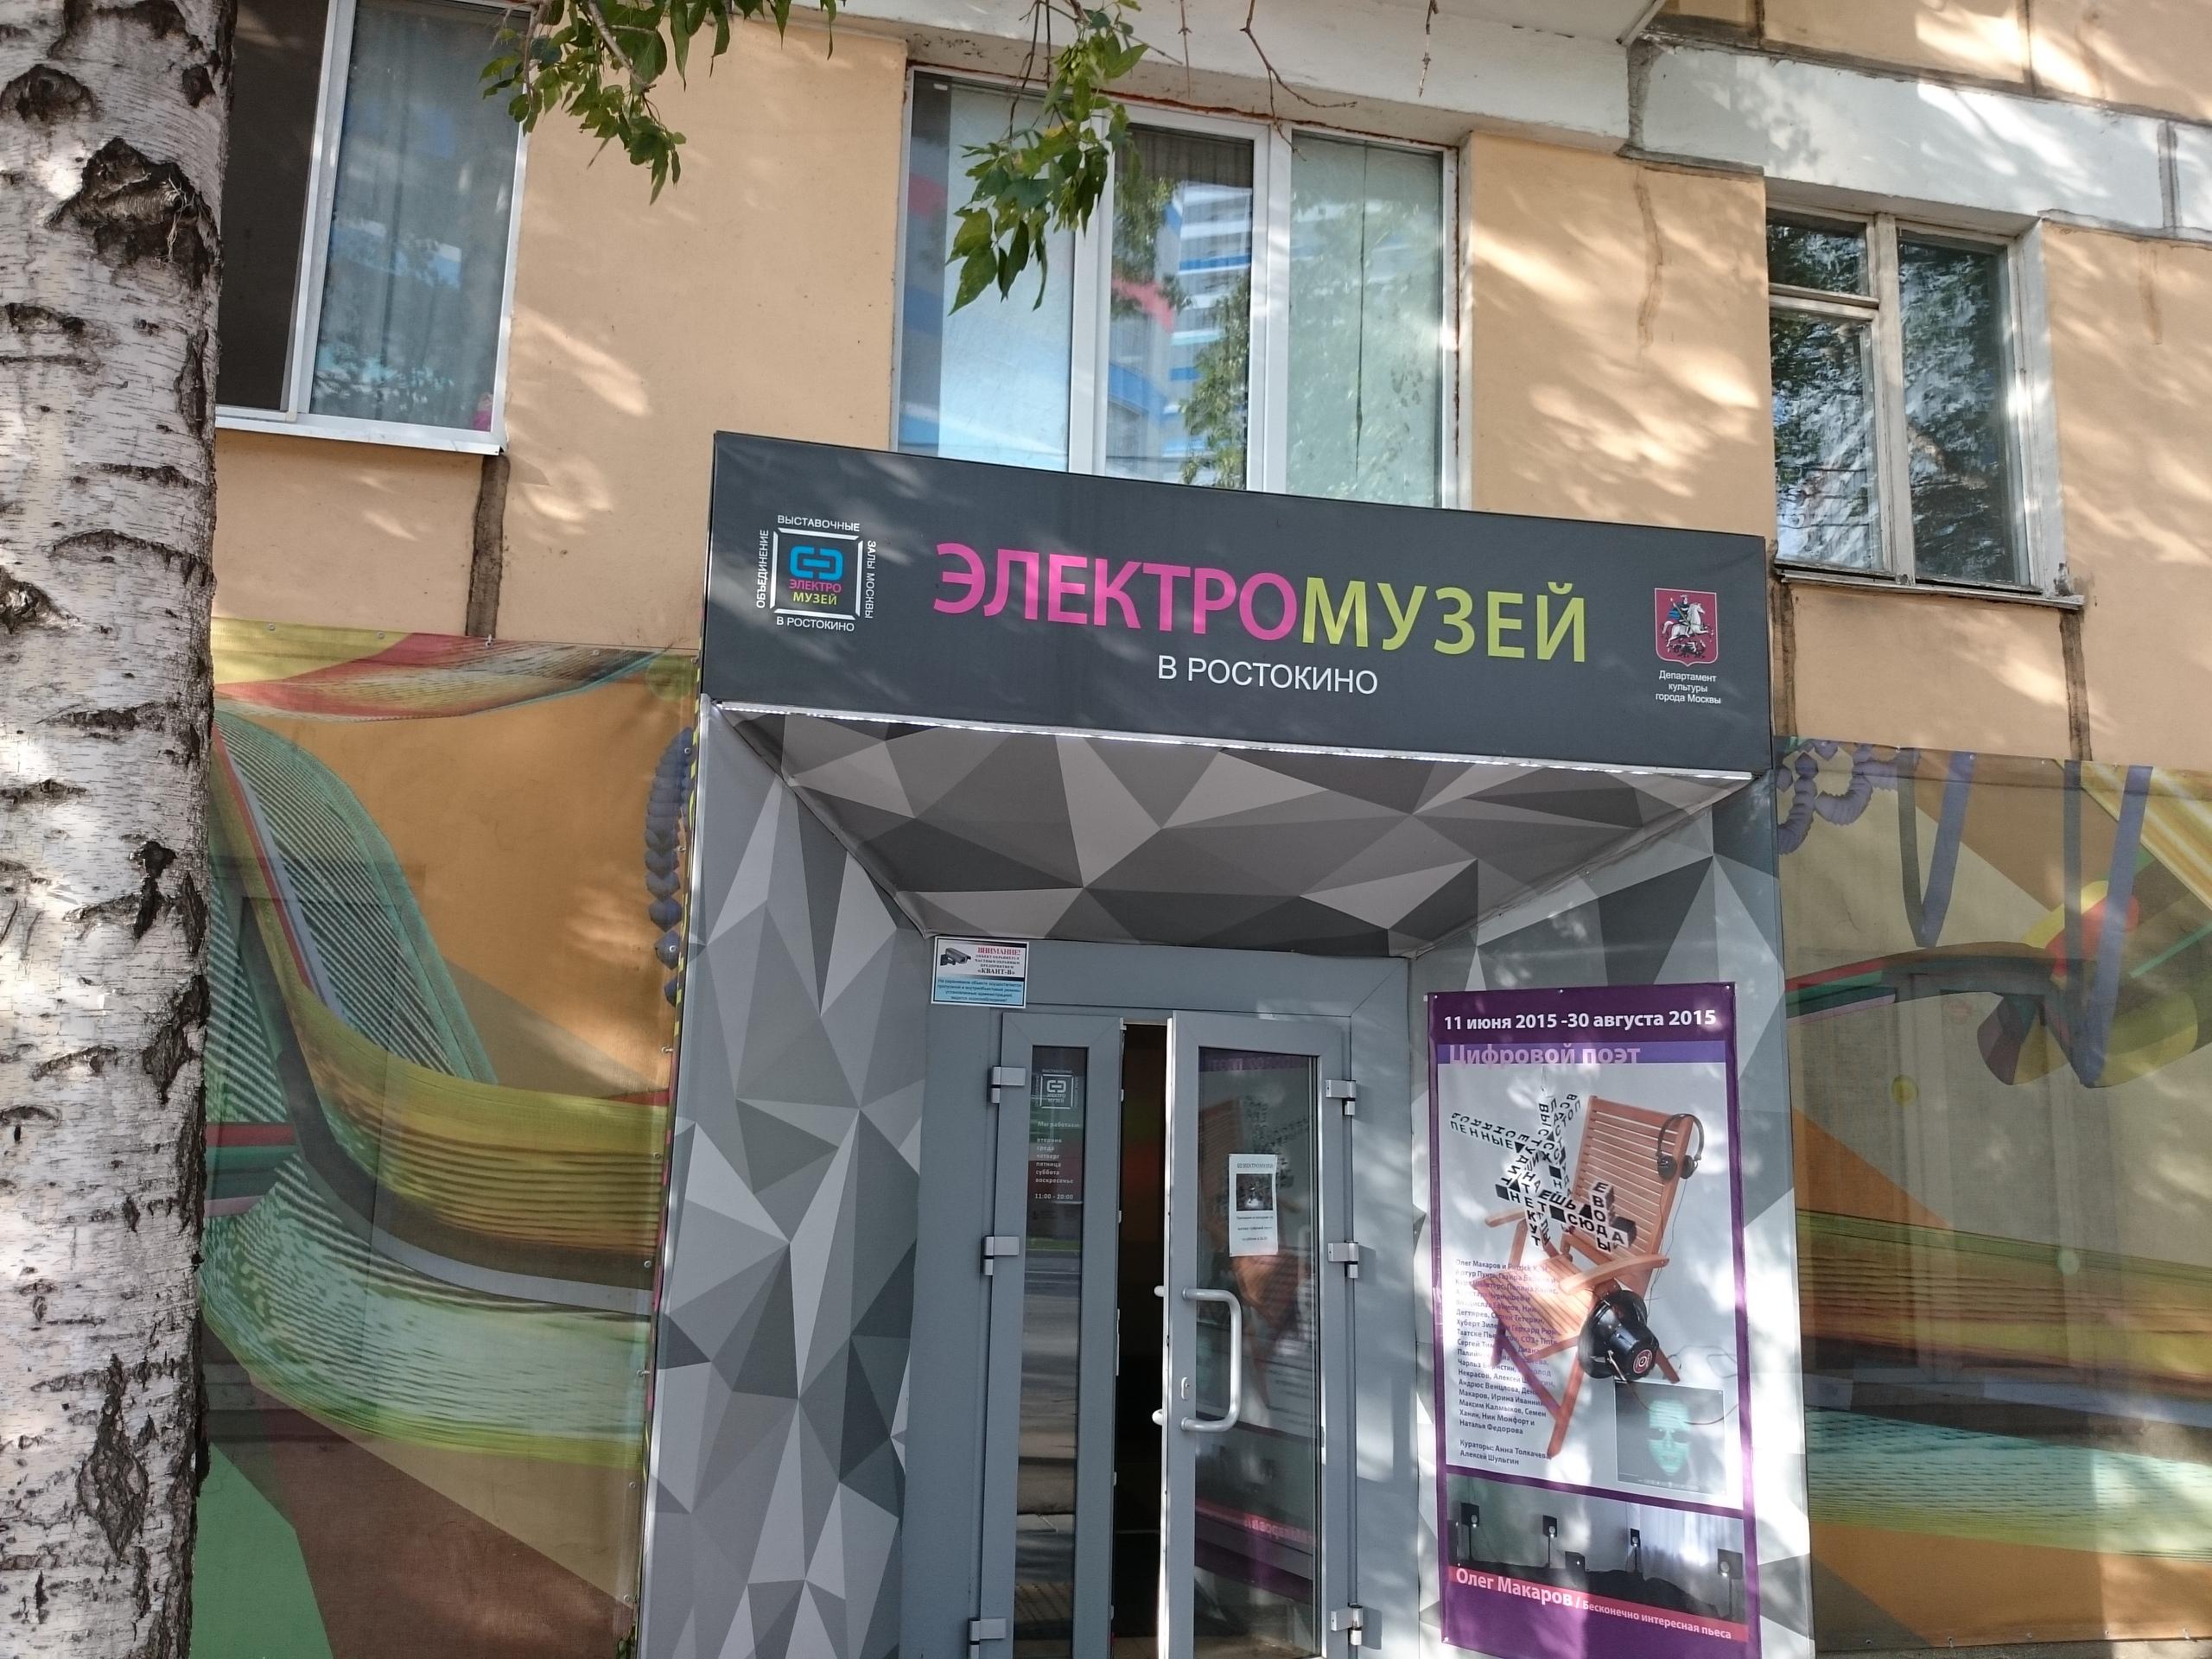 В Электромузее на Ростокинской улице проходит выставка современного искусства «Творческий метод»